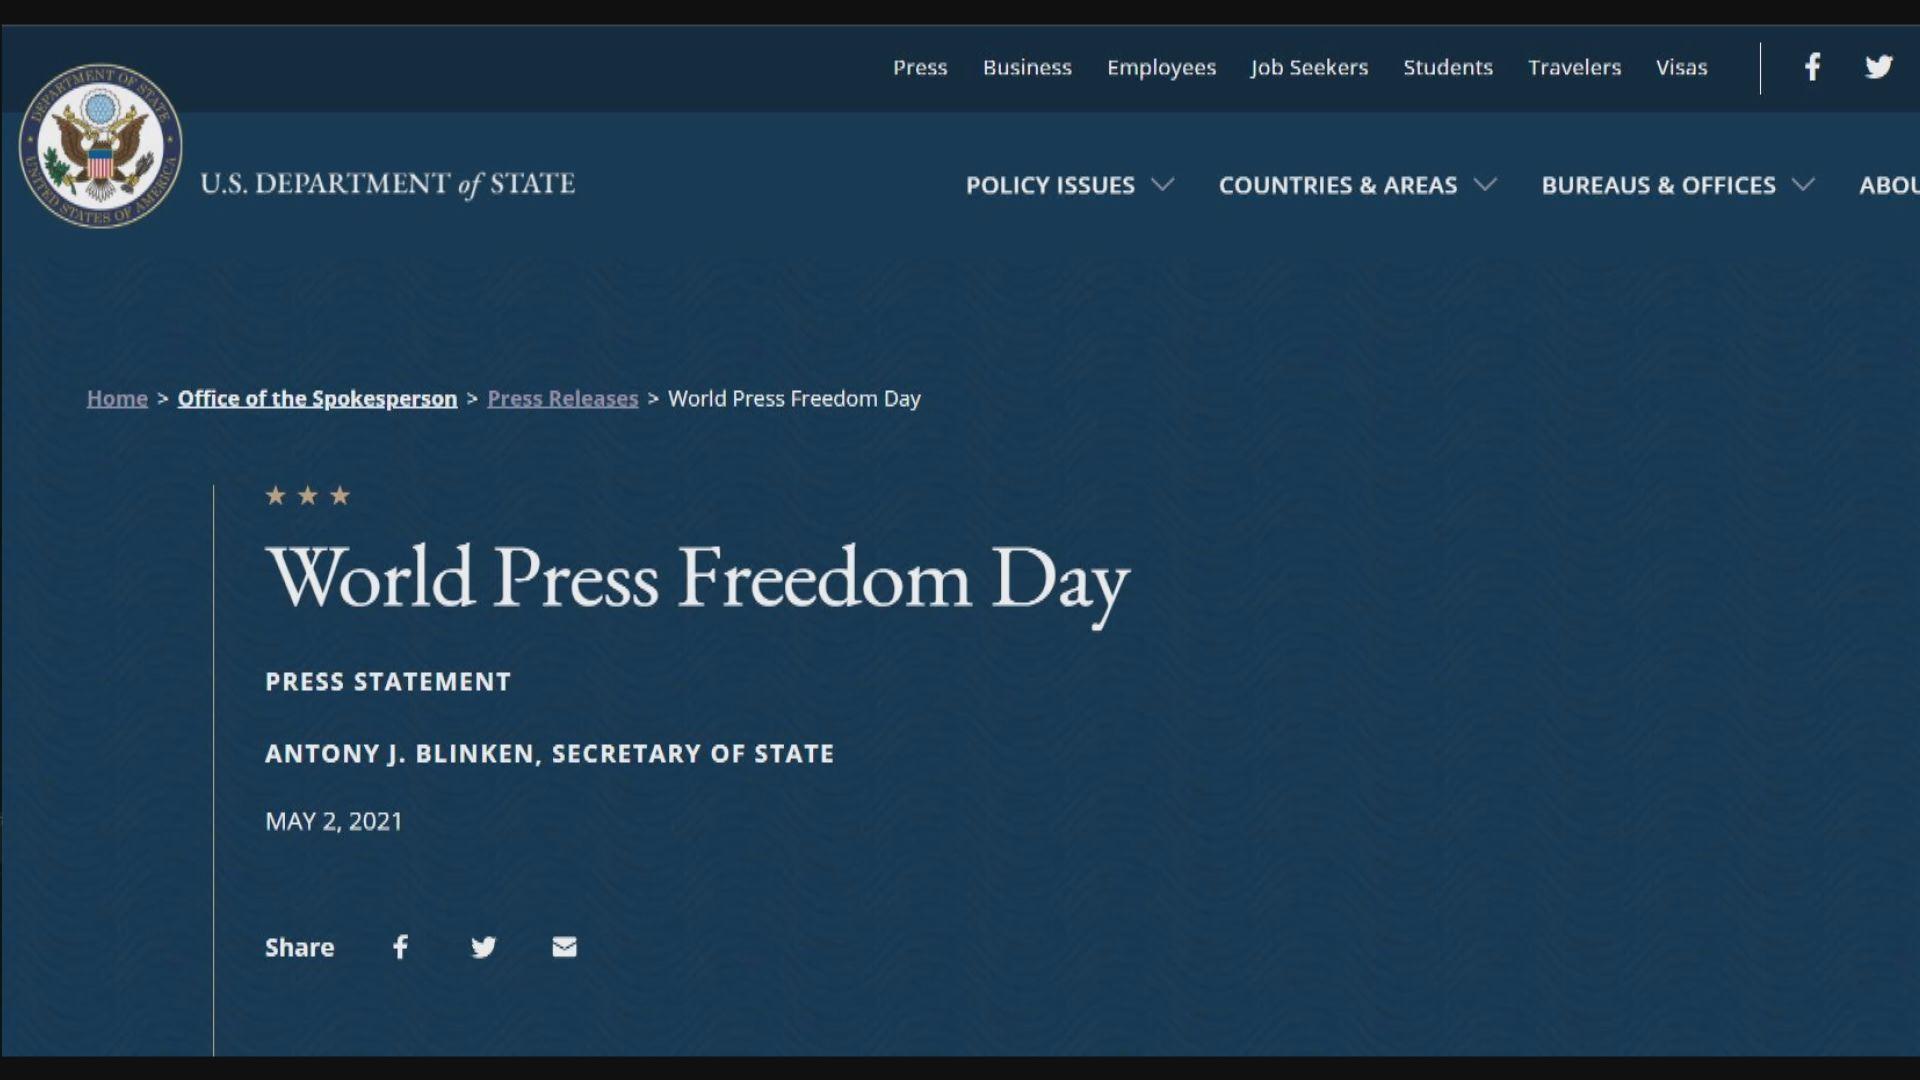 世界新聞自由日 美國促保護媒體安全